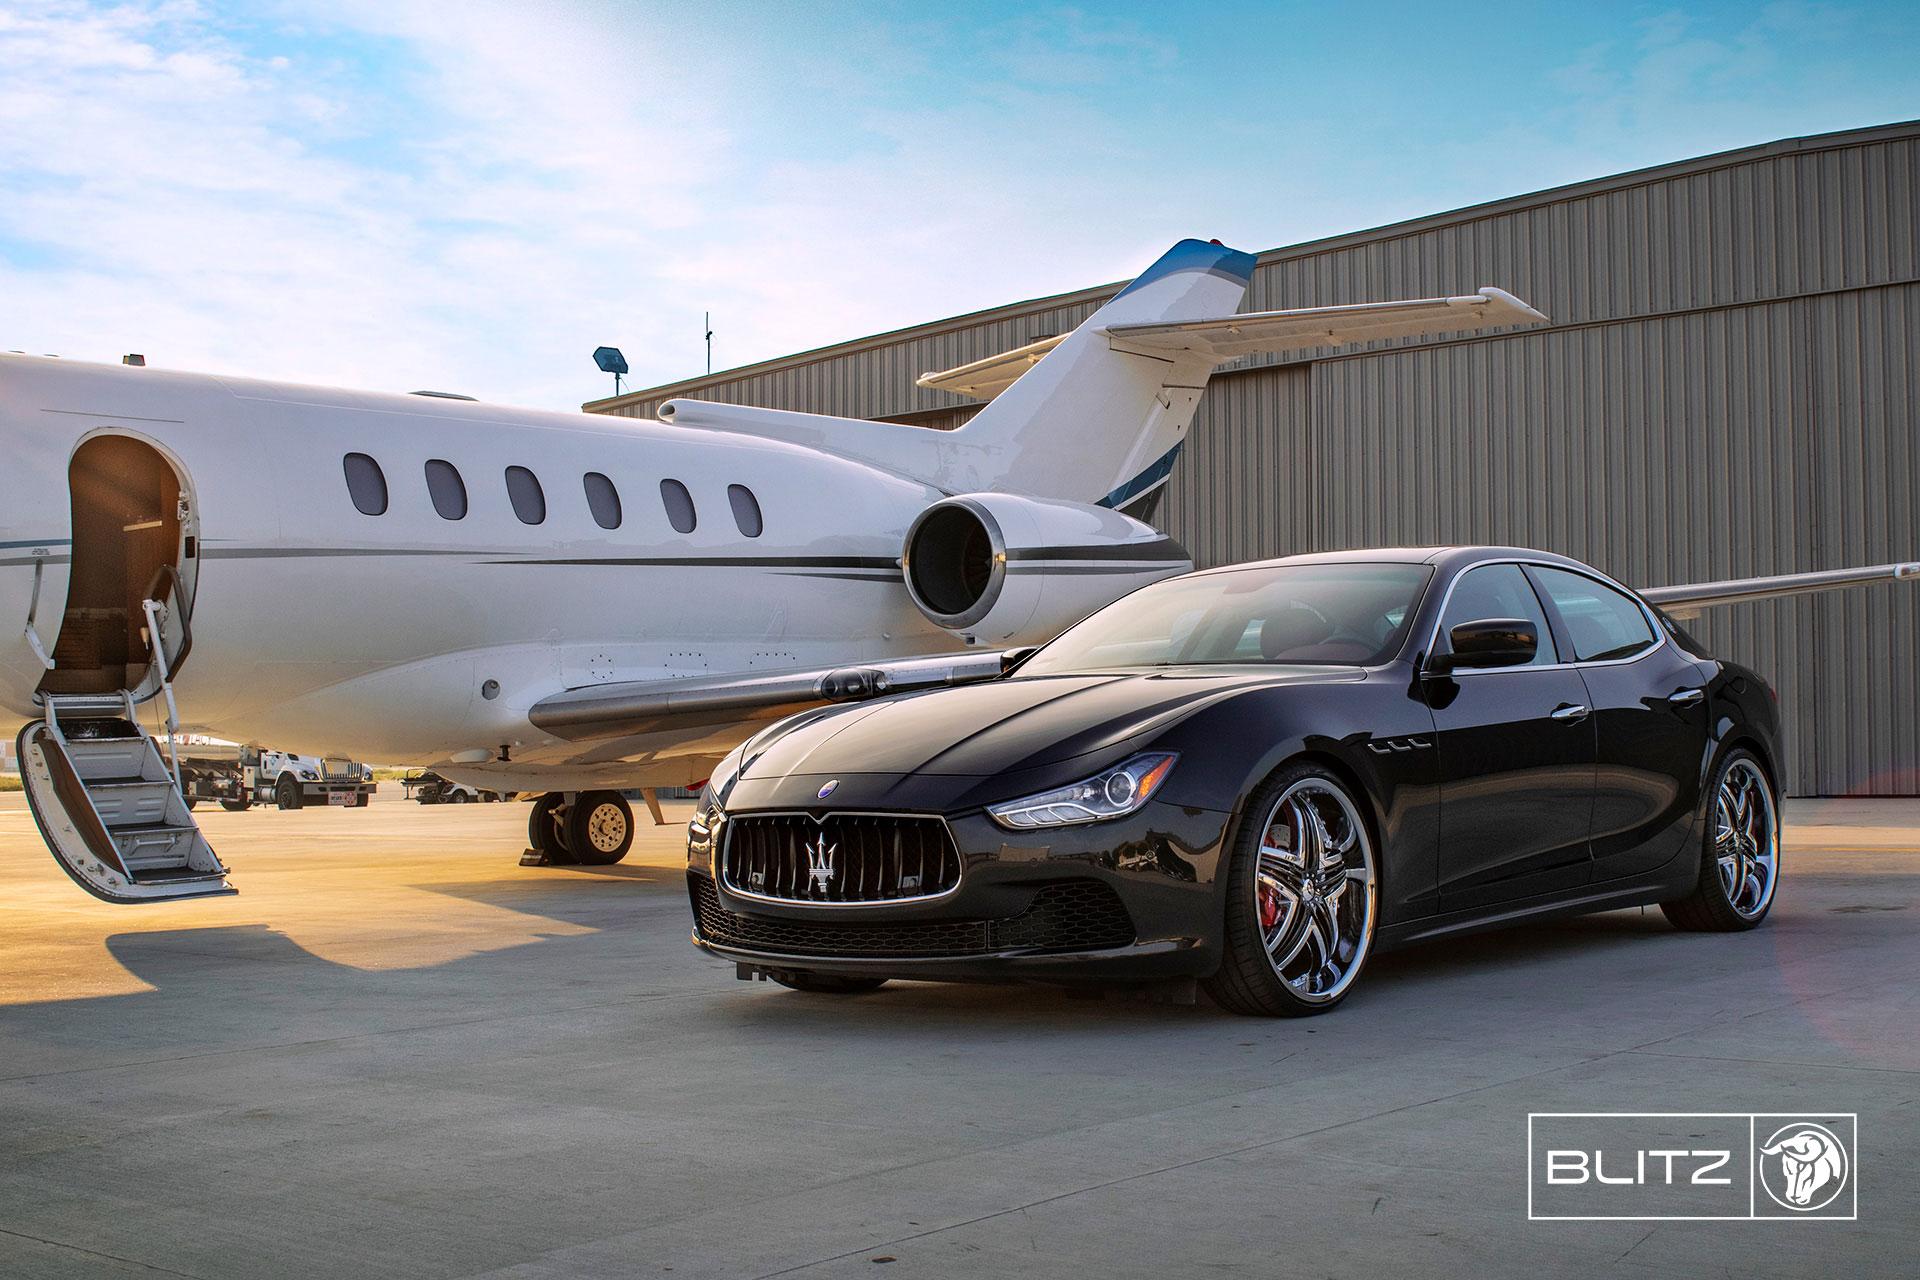 Diablo Blitz - Gianna's Legacy on a Maserati Ghibli